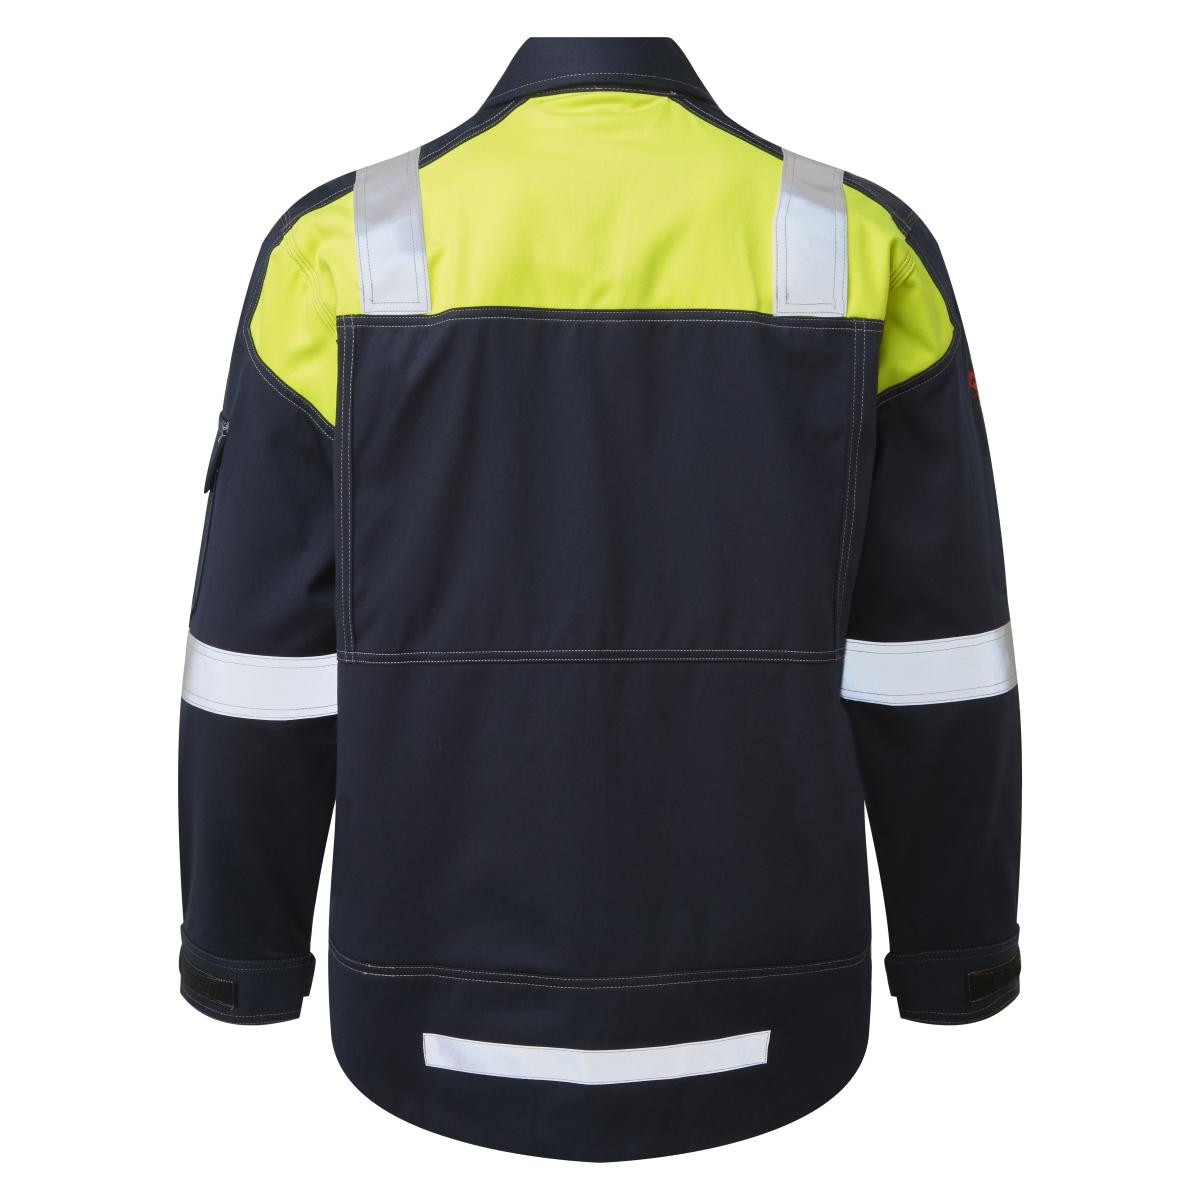 HAZTEC® Sokol FR AS Inherent ARC Jacket